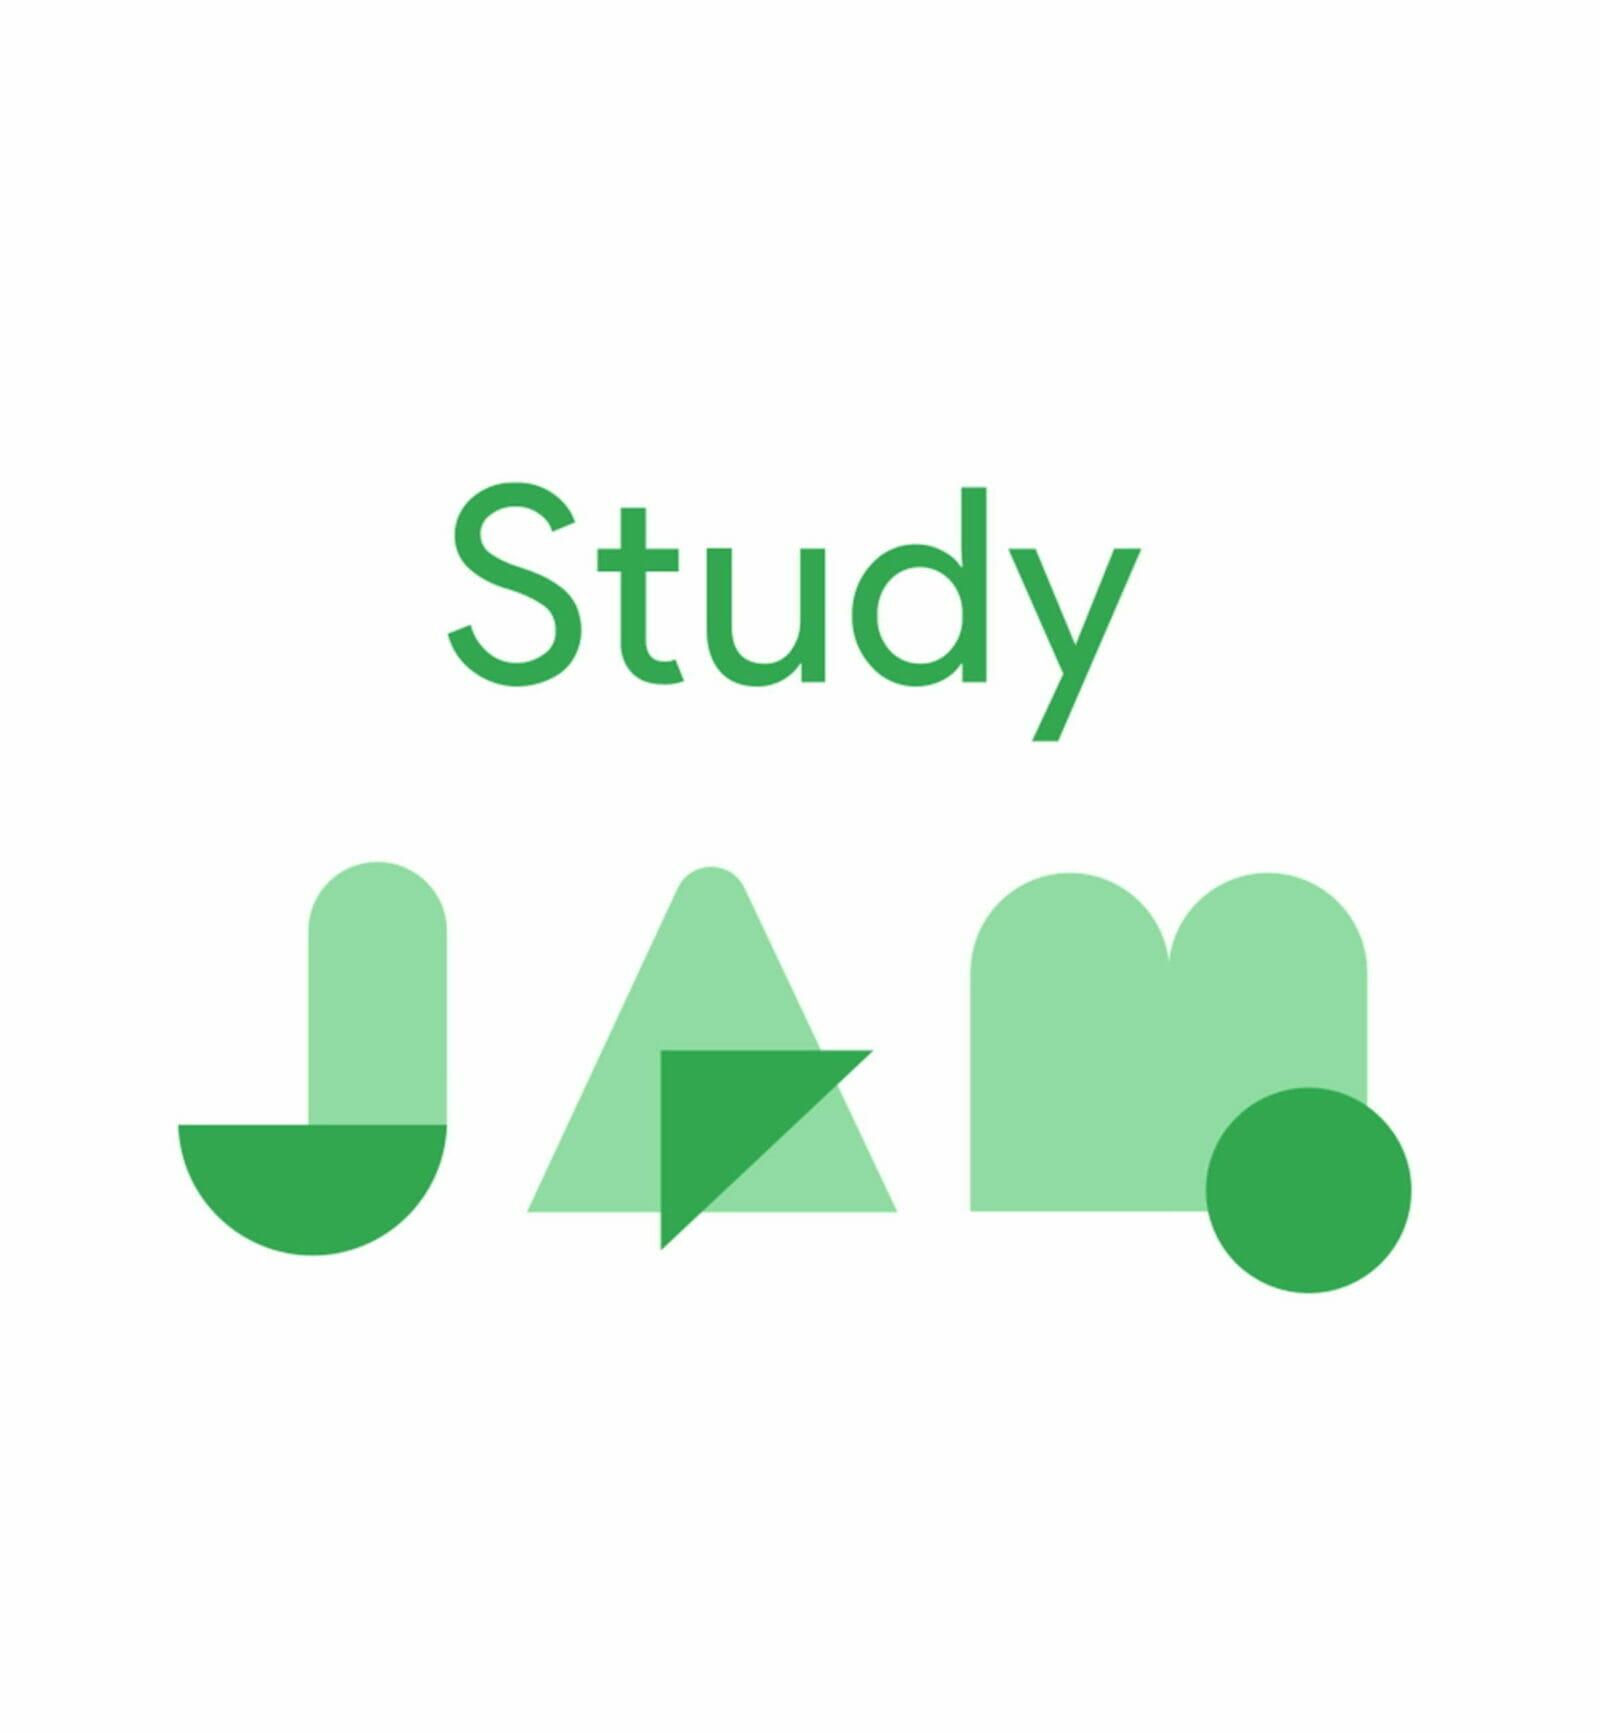 [GCP] Cloud Study Jam